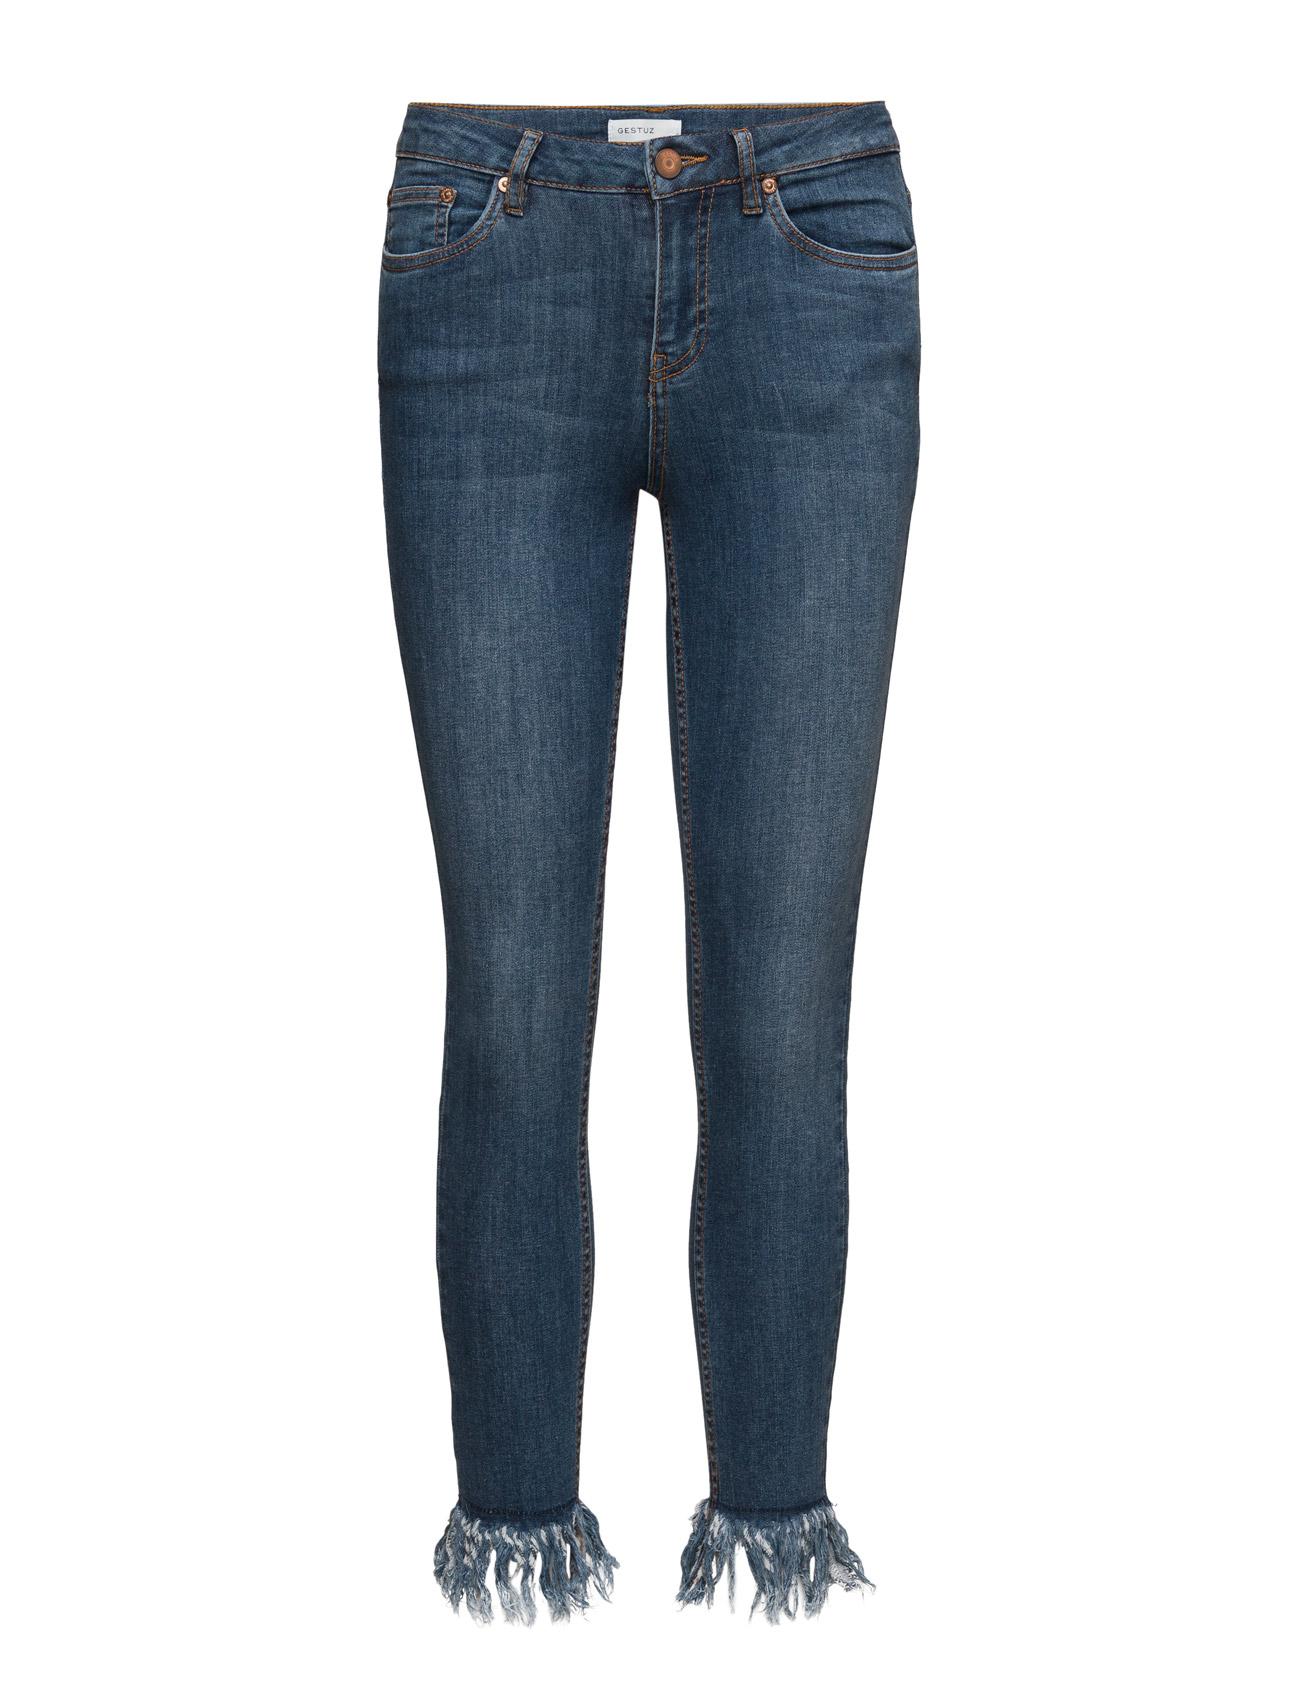 Gestuz Maggie fringes jeans ZE3 16